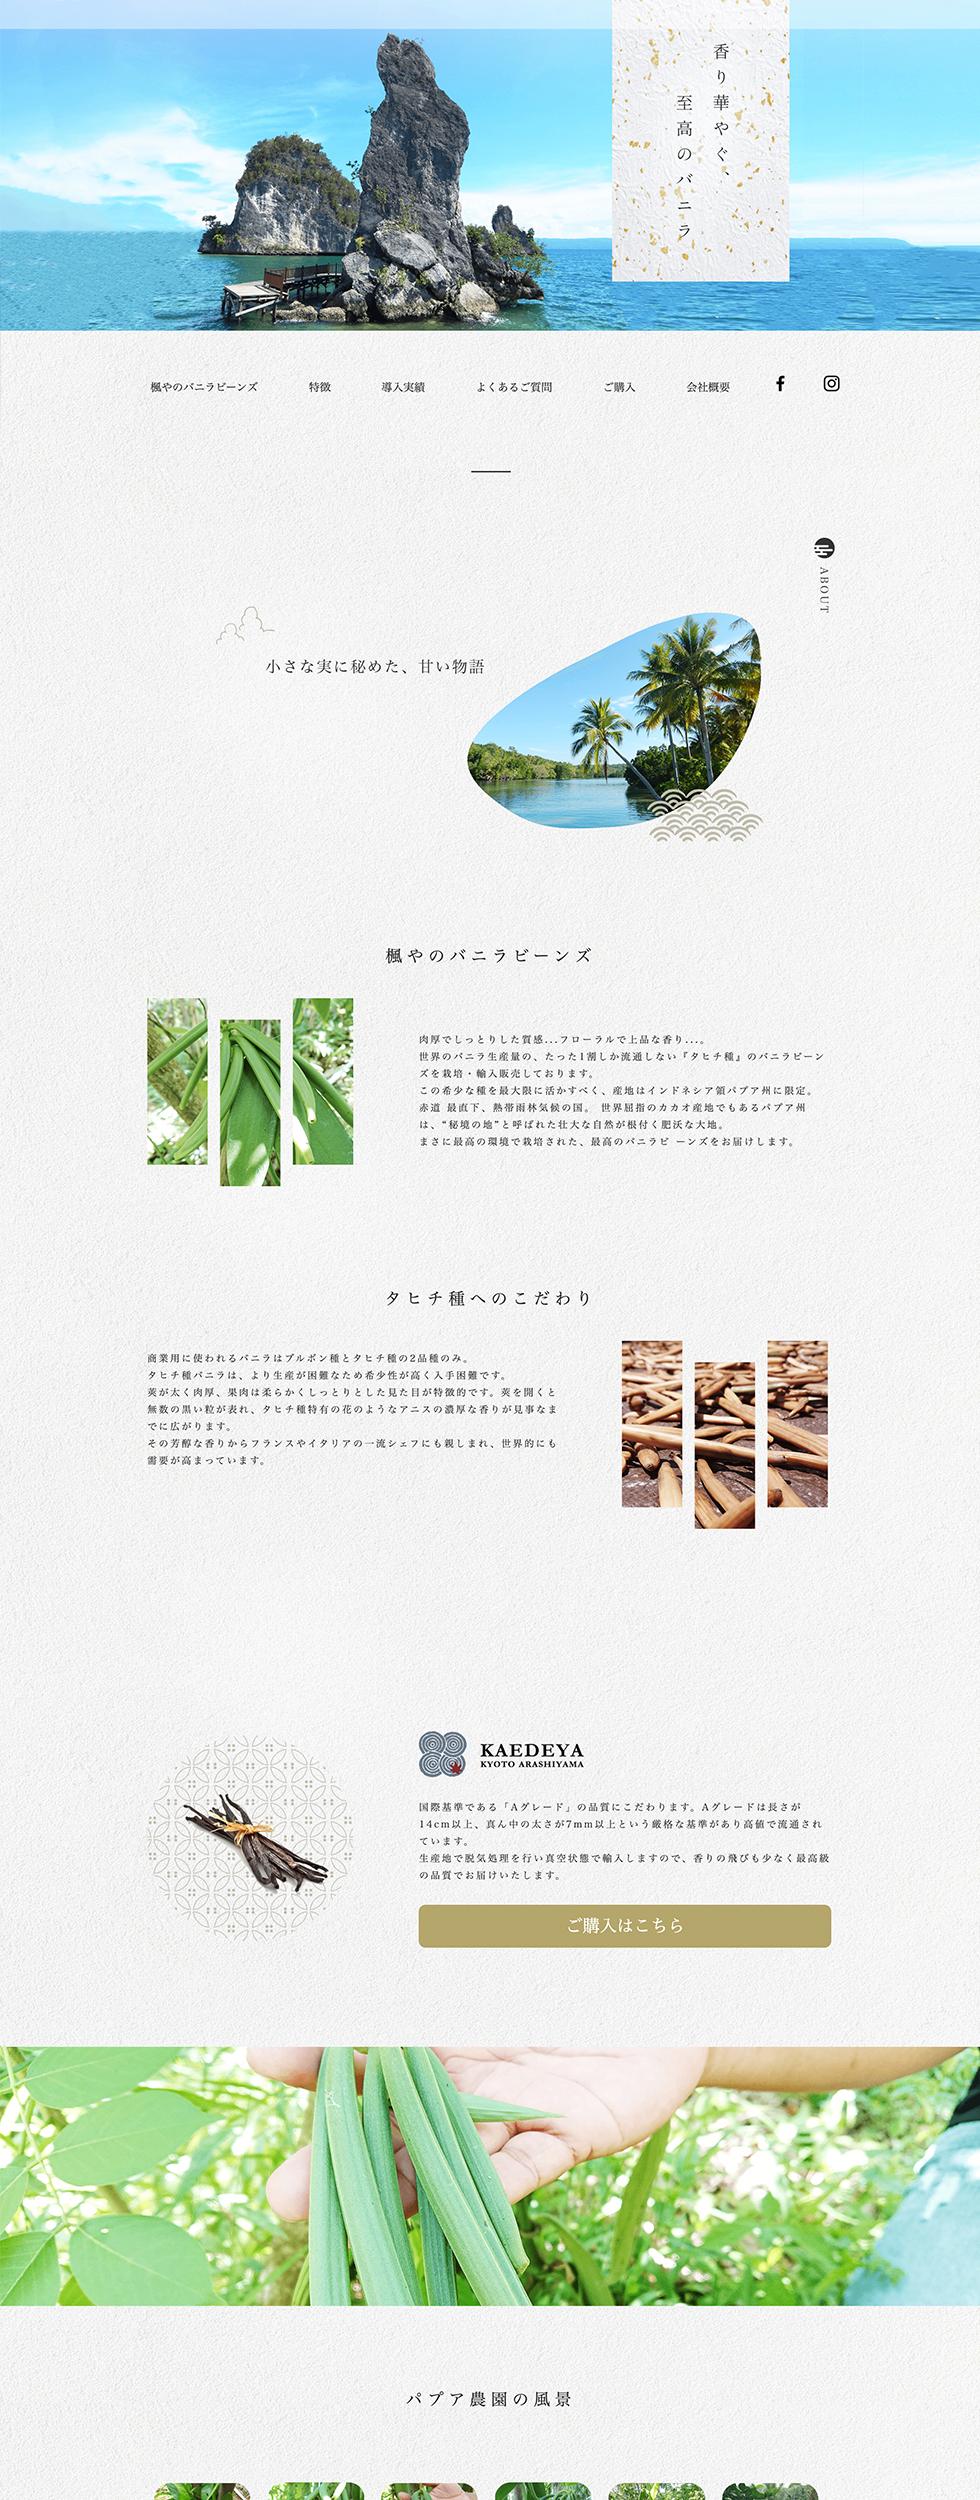 楓やのバニラビーンズサイトイメージ